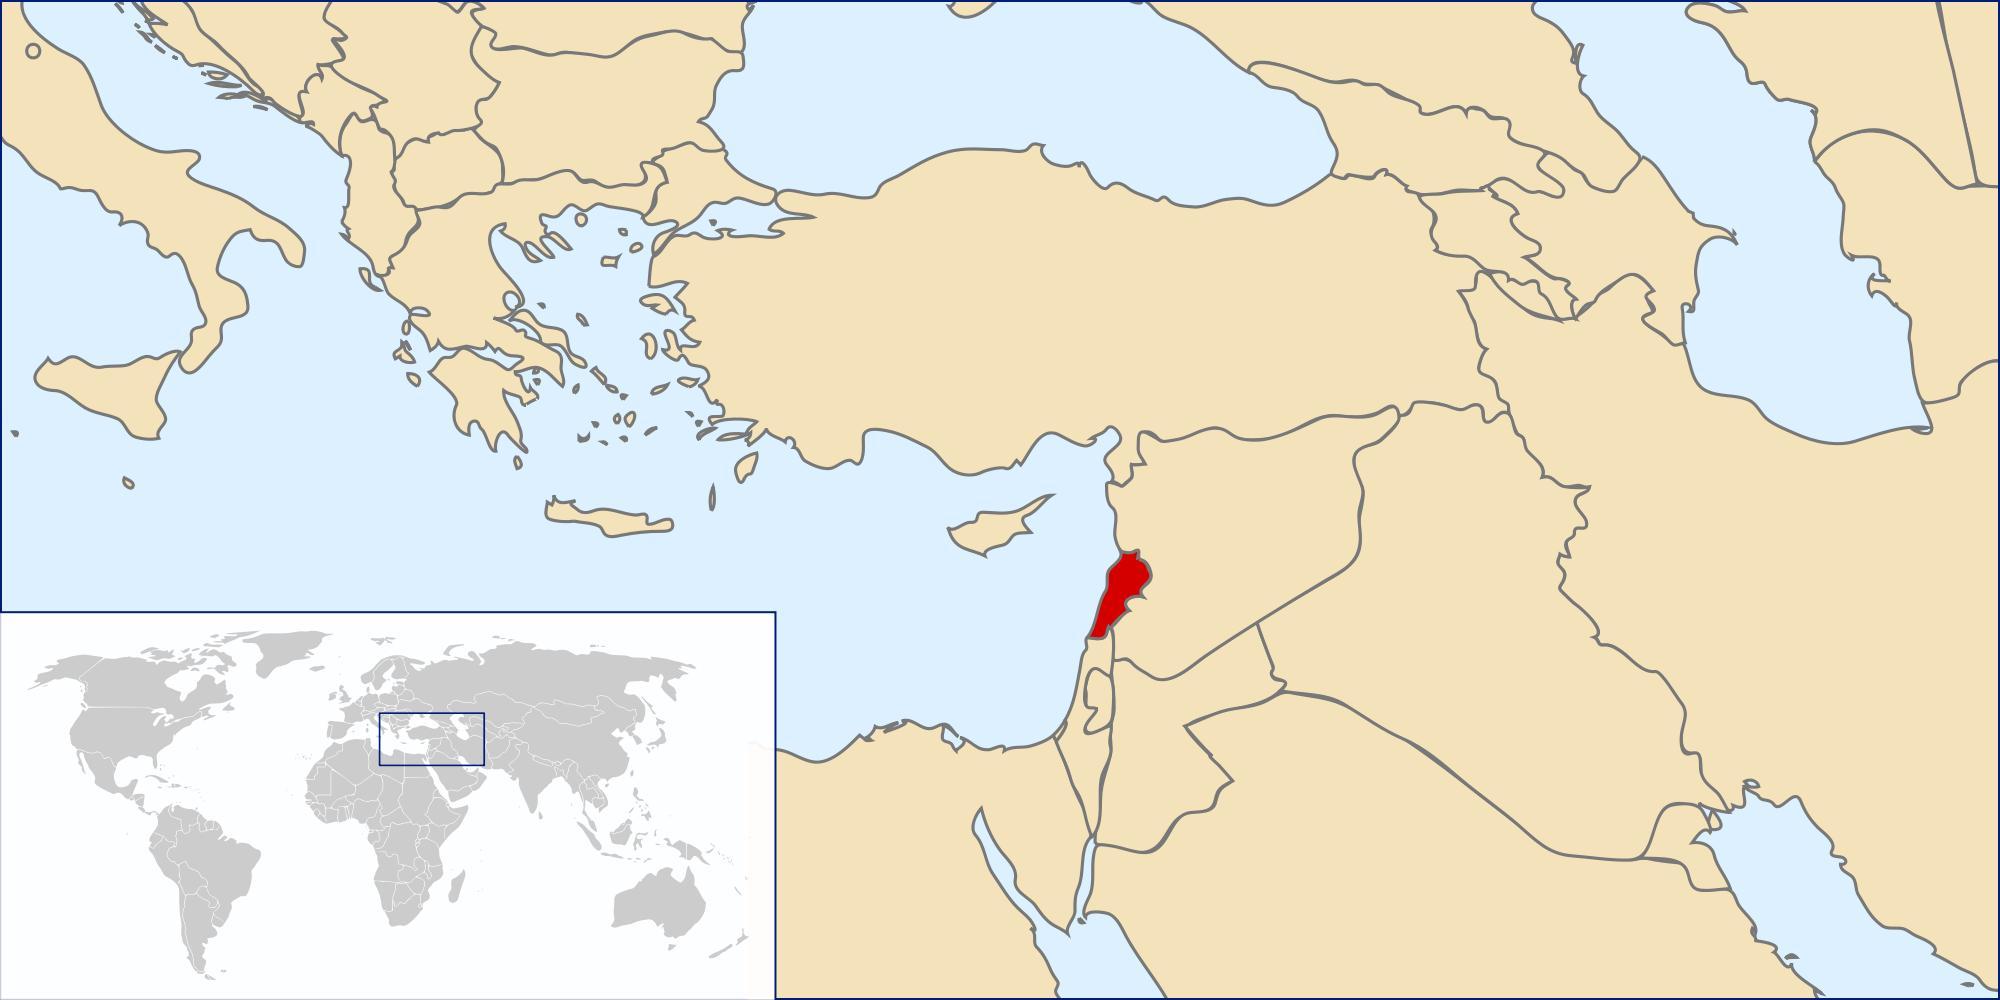 Cartina Del Libano.Libano Mappa Del Mondo Mappa Del Libano Mondo Asia Occidentale Asia